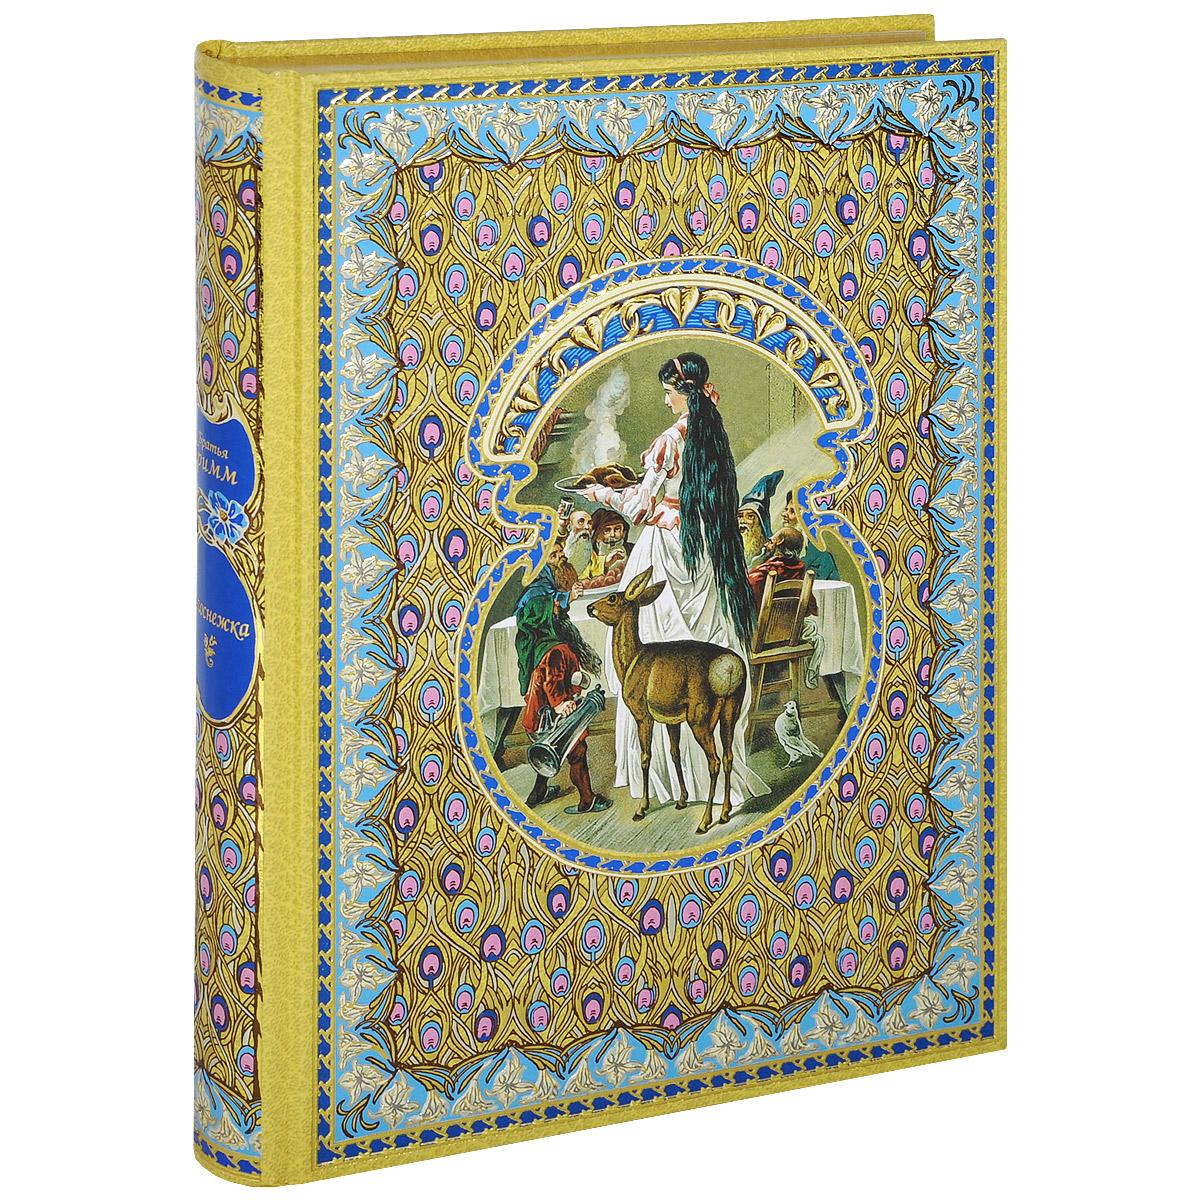 Братья Гримм Белоснежка (подарочное издание) лесные сказки подарочное издание 3 dvd